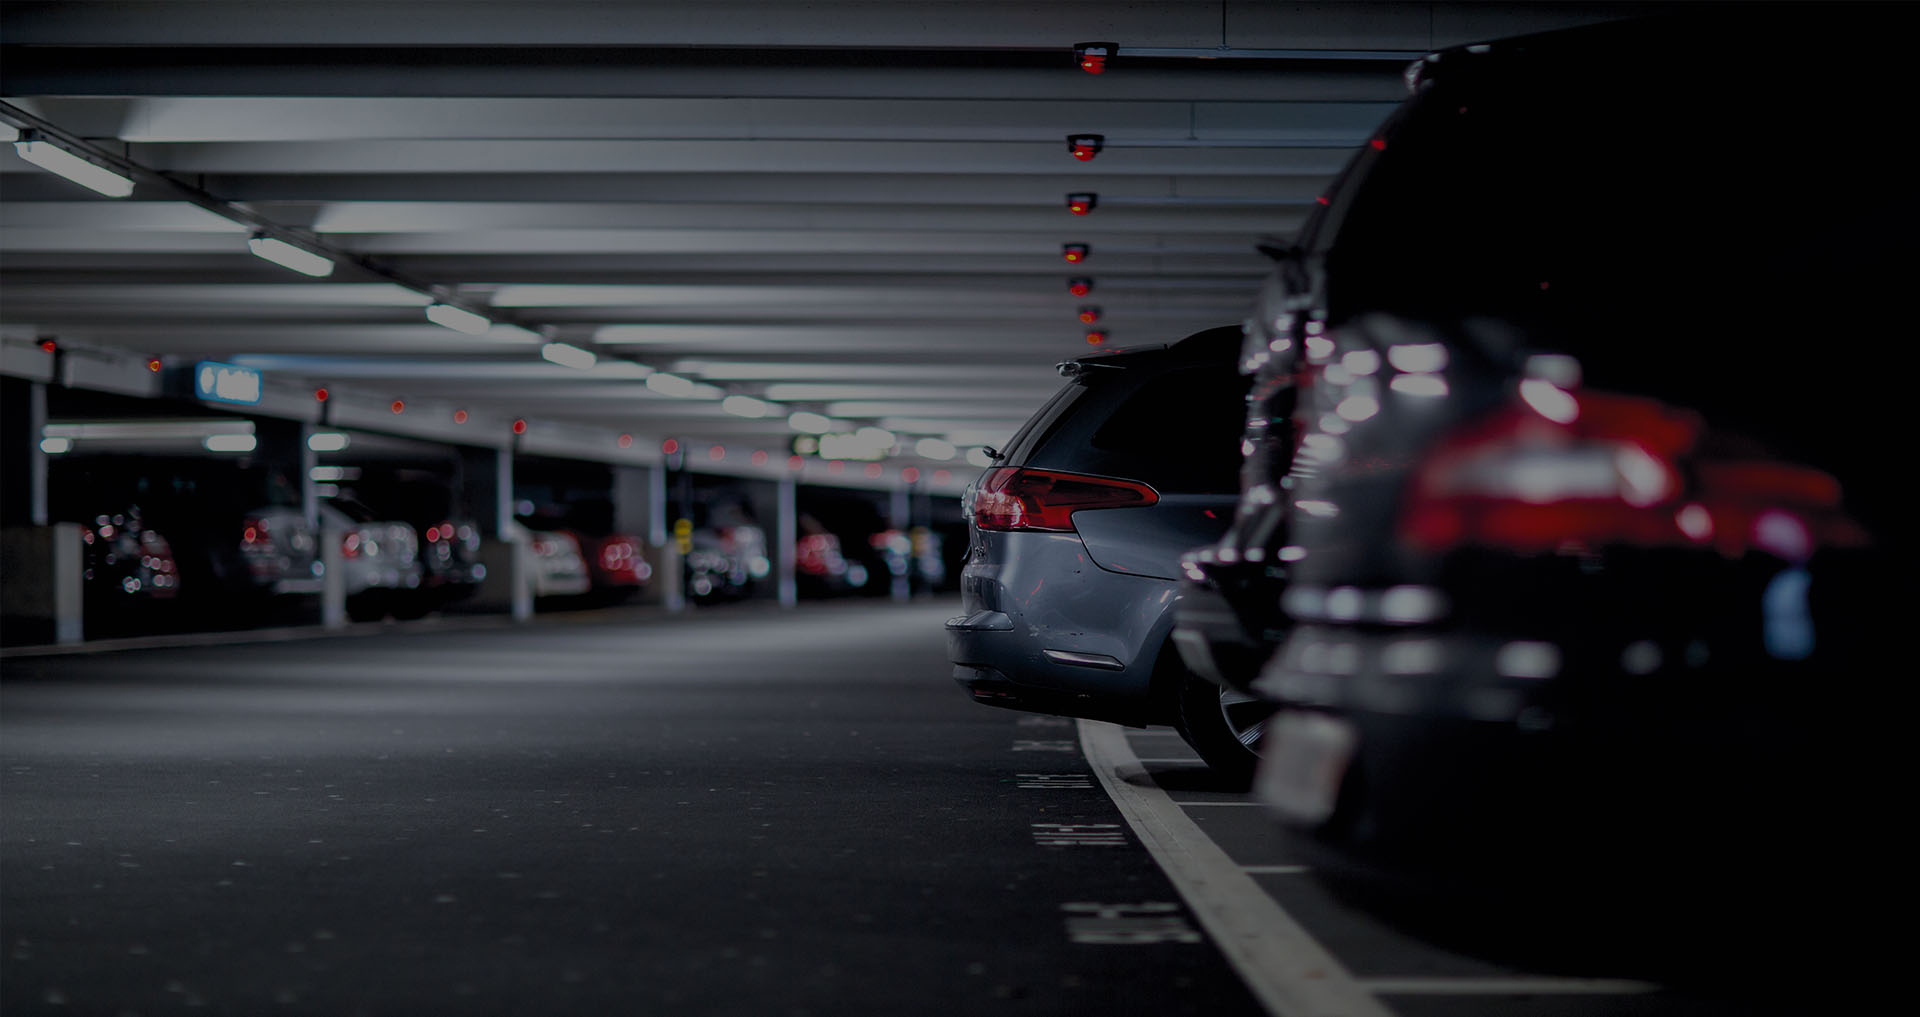 Pametni parking